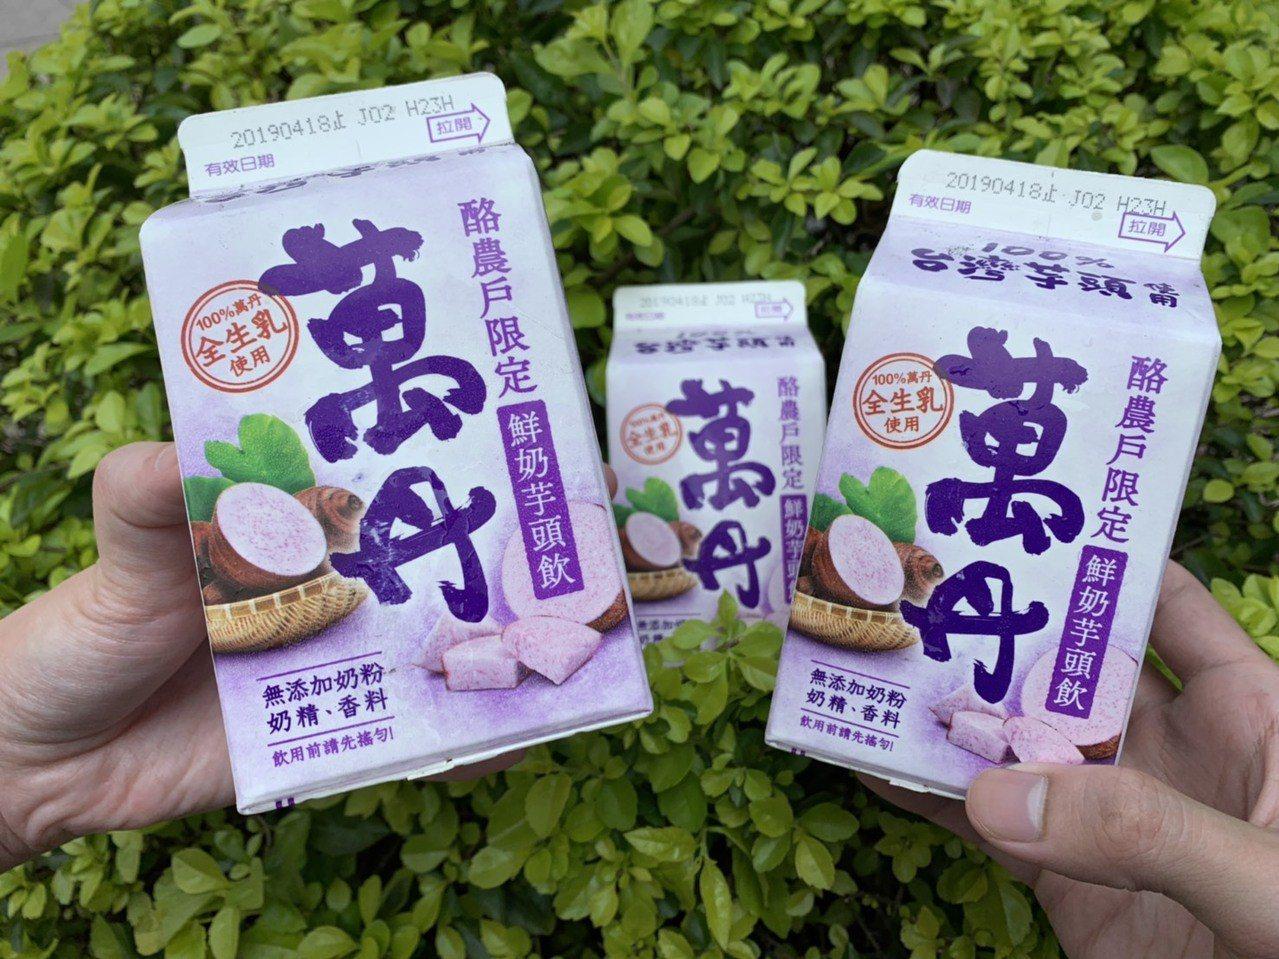 100%使用台灣芋頭的芋頭鮮奶飲(萬丹酪農戶生乳),售價40元,4月10日起至5...